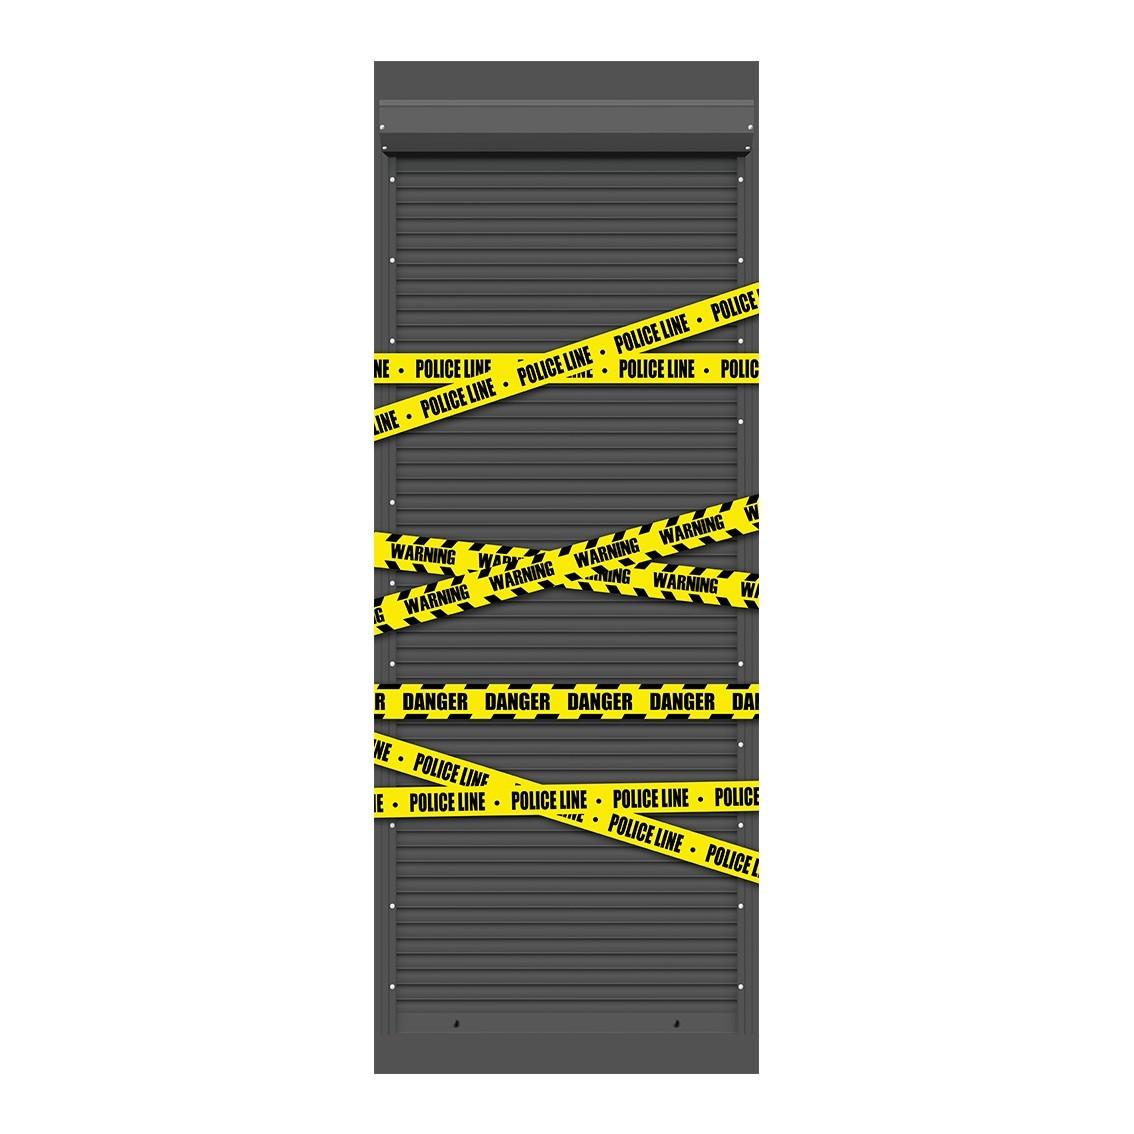 """Adesivo (Sticker) Para Porta """"Police Line - Danger"""" (Faixa da Policia - Perigo) - Exclusivo"""